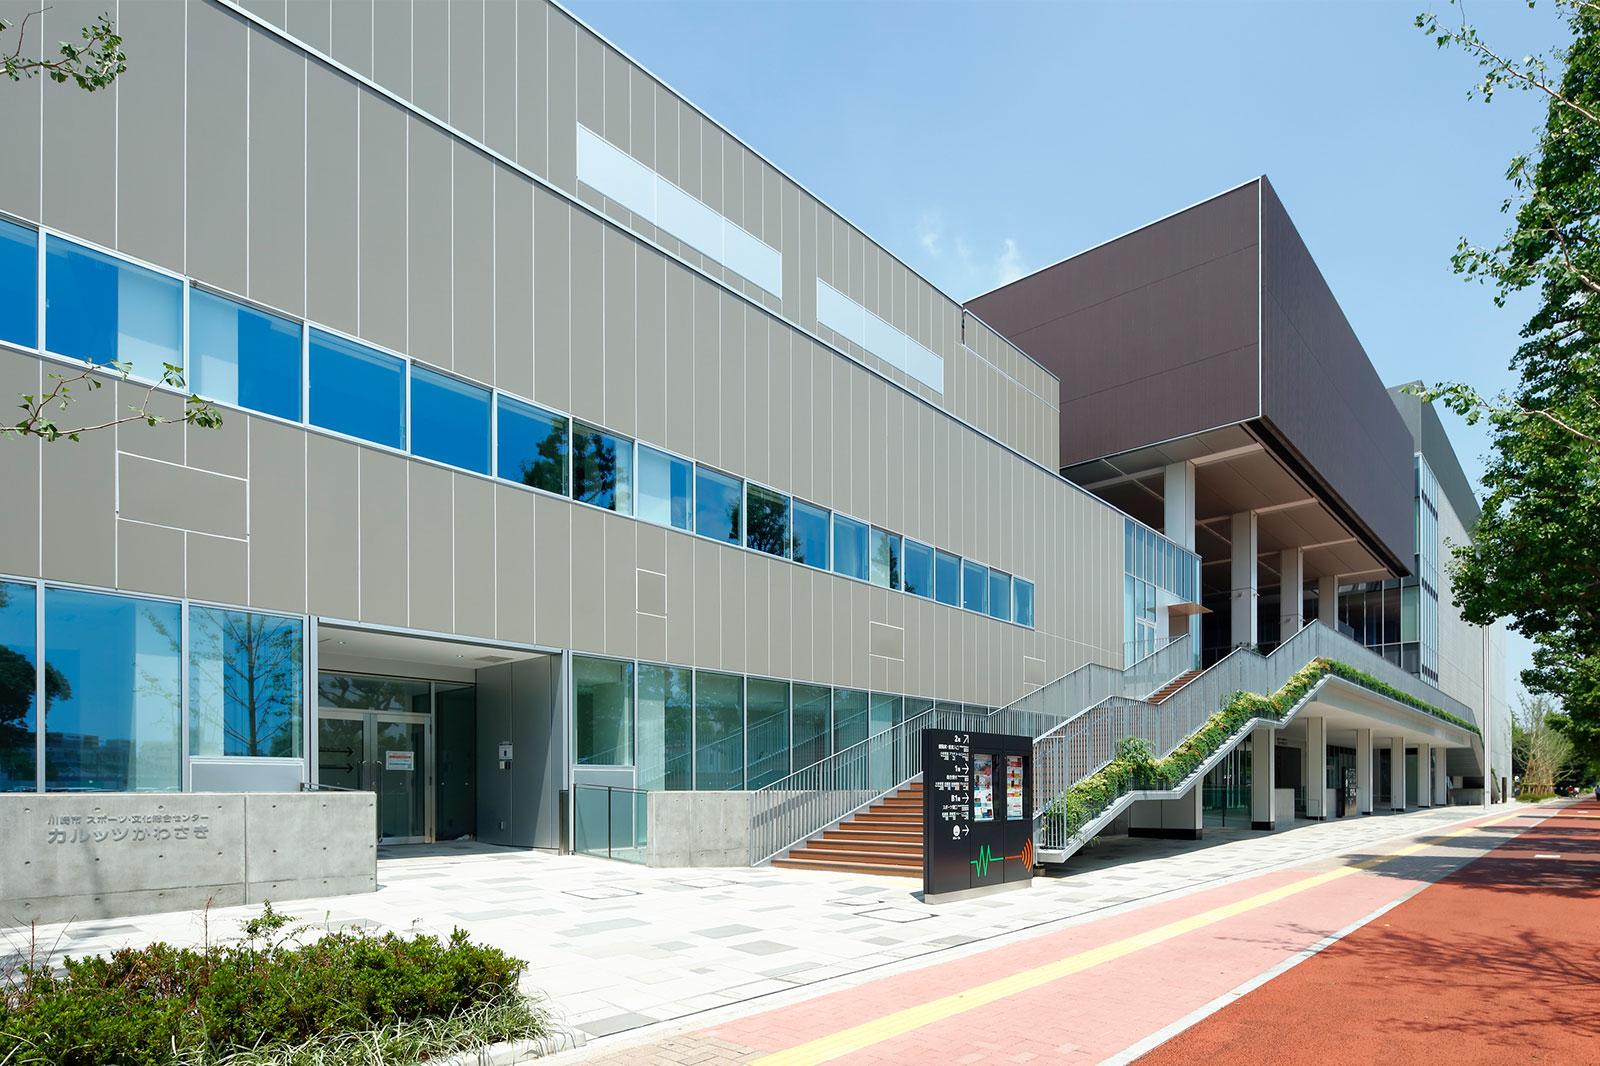 川崎市スポーツ・文化総合センター カルッツかわさき